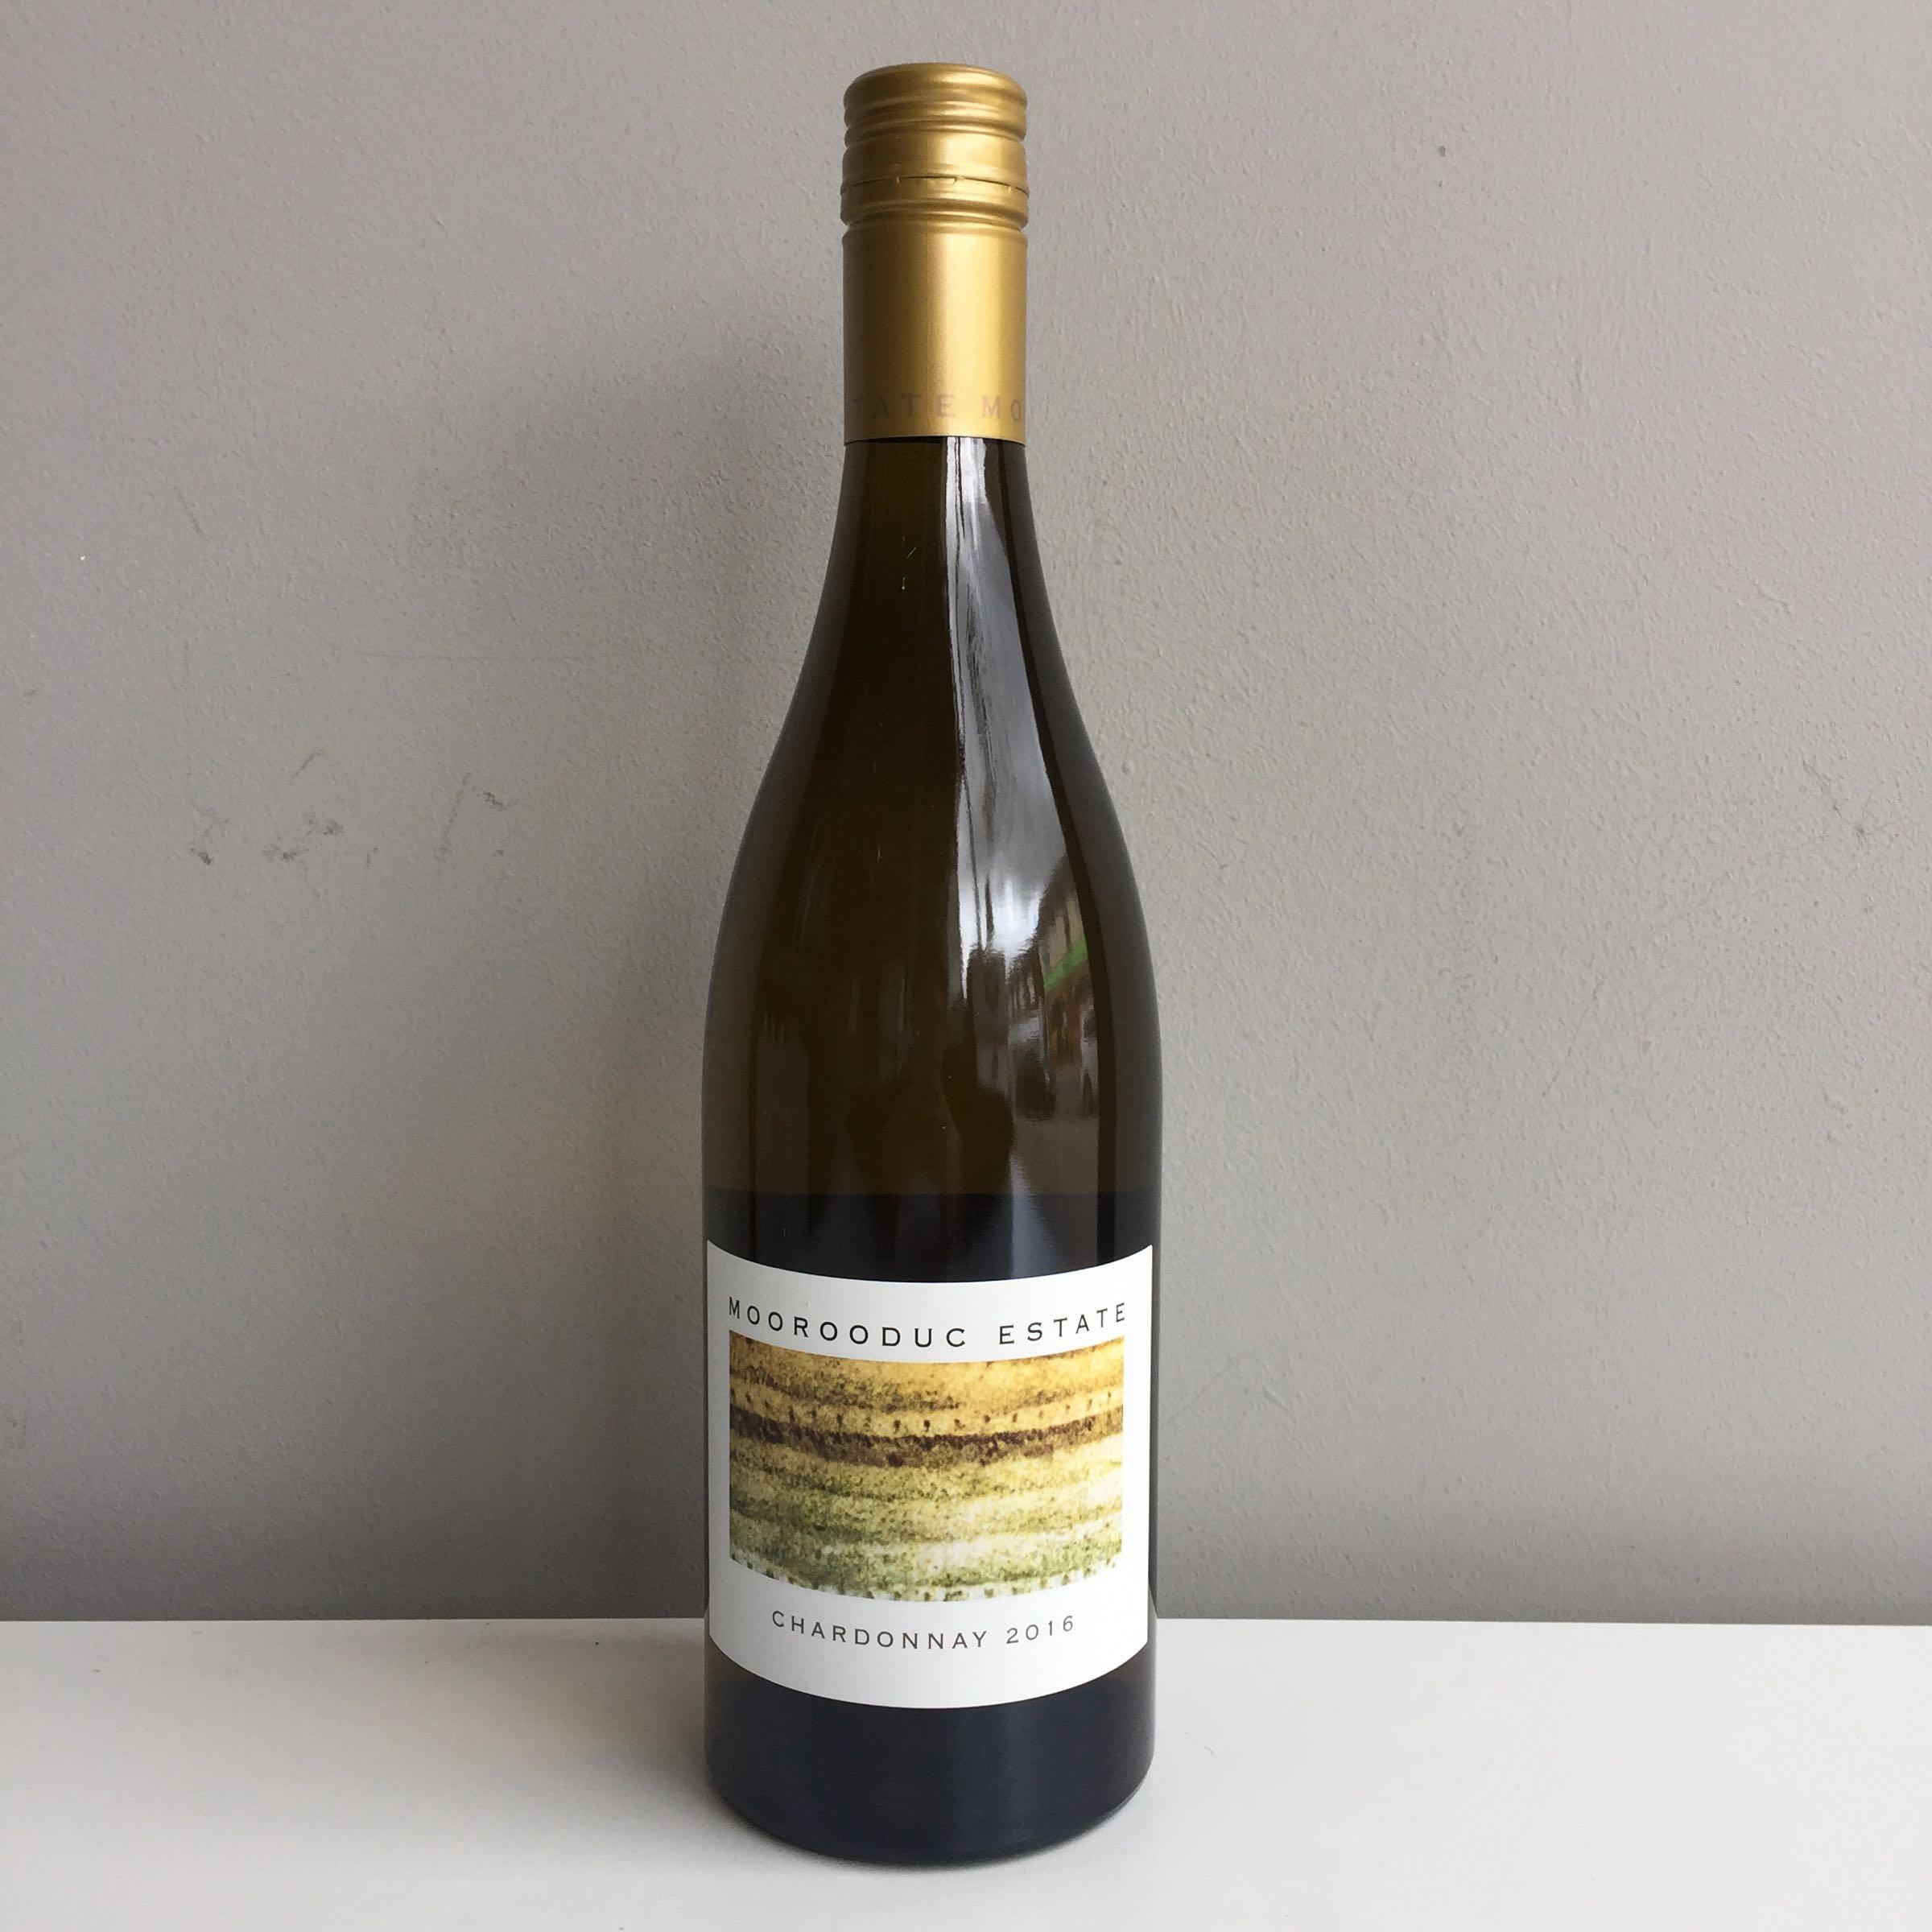 Moorooduc Chardonnay